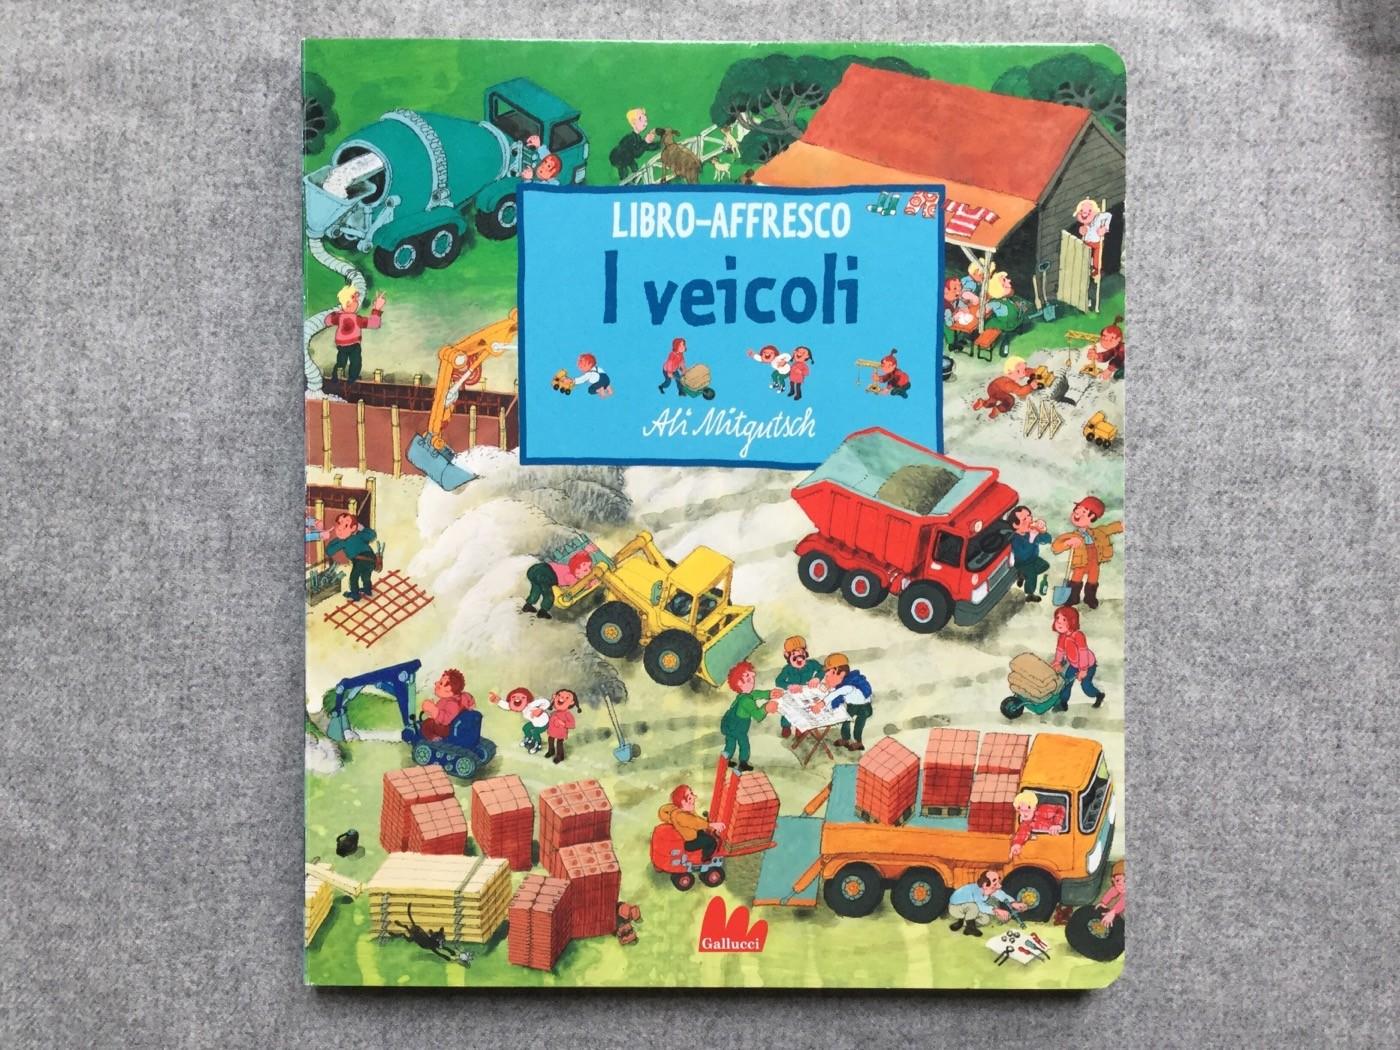 Veicoli-Ali-Mitgutsch-Gallucci-Galline-Volanti